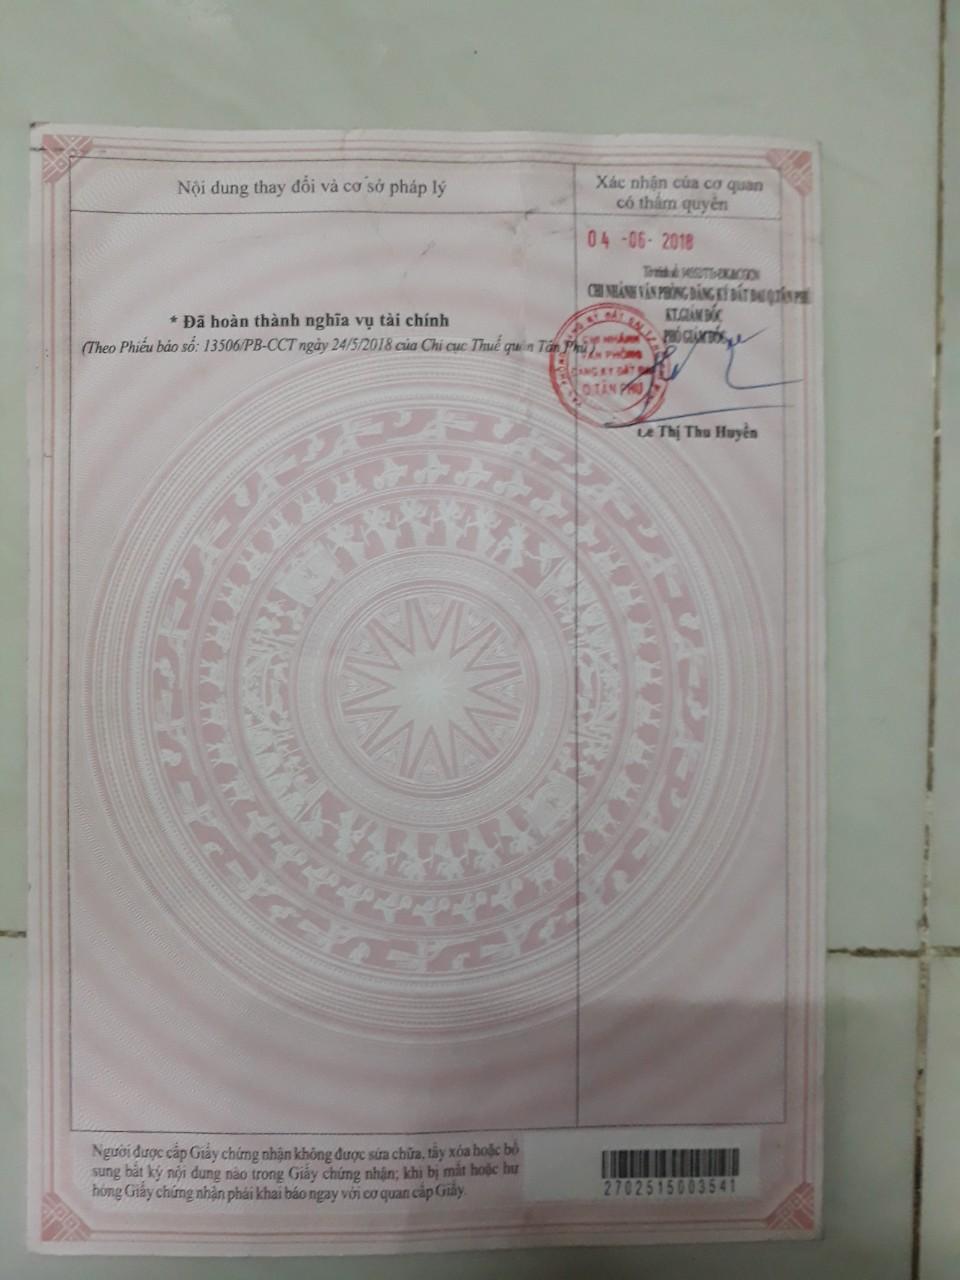 Bán nhà hẻm ô tô Phú Thọ Hòa Quận Tân Phú 2